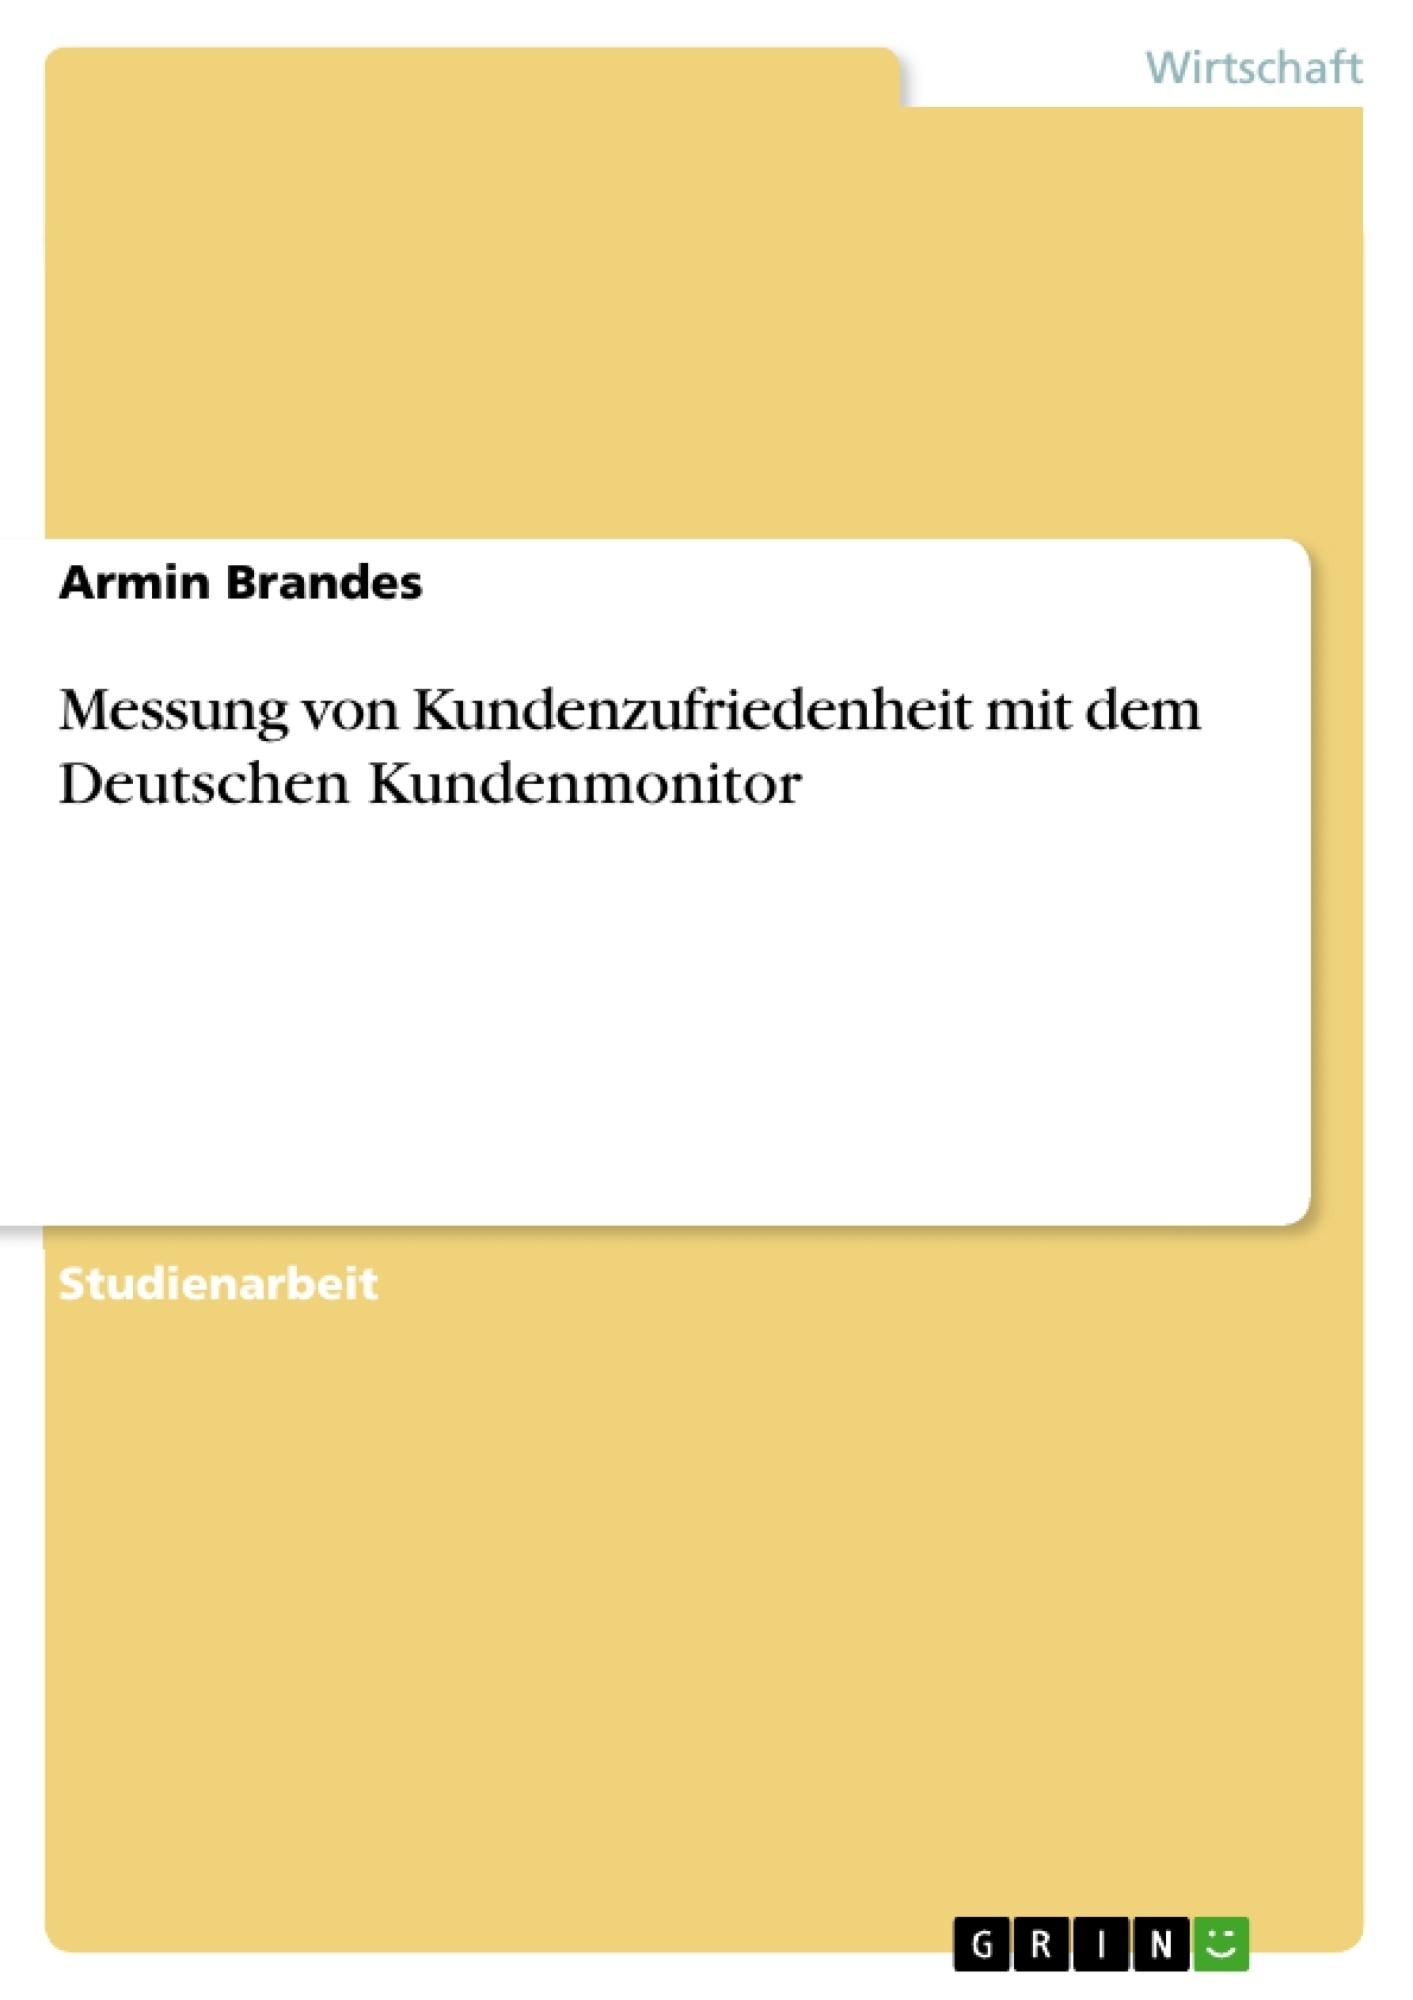 Titel: Messung von Kundenzufriedenheit mit dem Deutschen Kundenmonitor